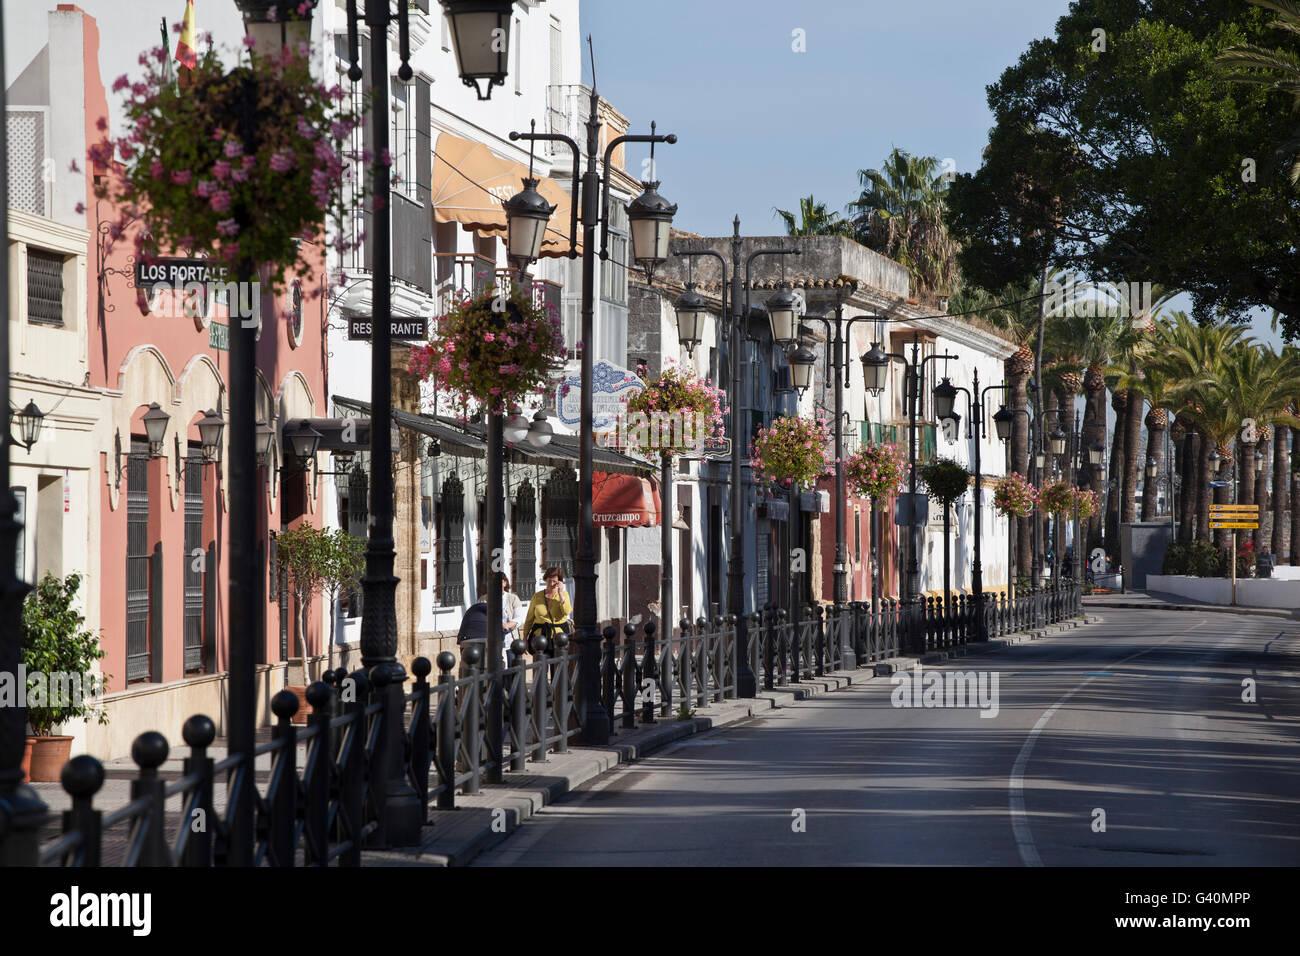 Calle ribera del marisco parque calder n el puerto de - El puerto santa maria ...